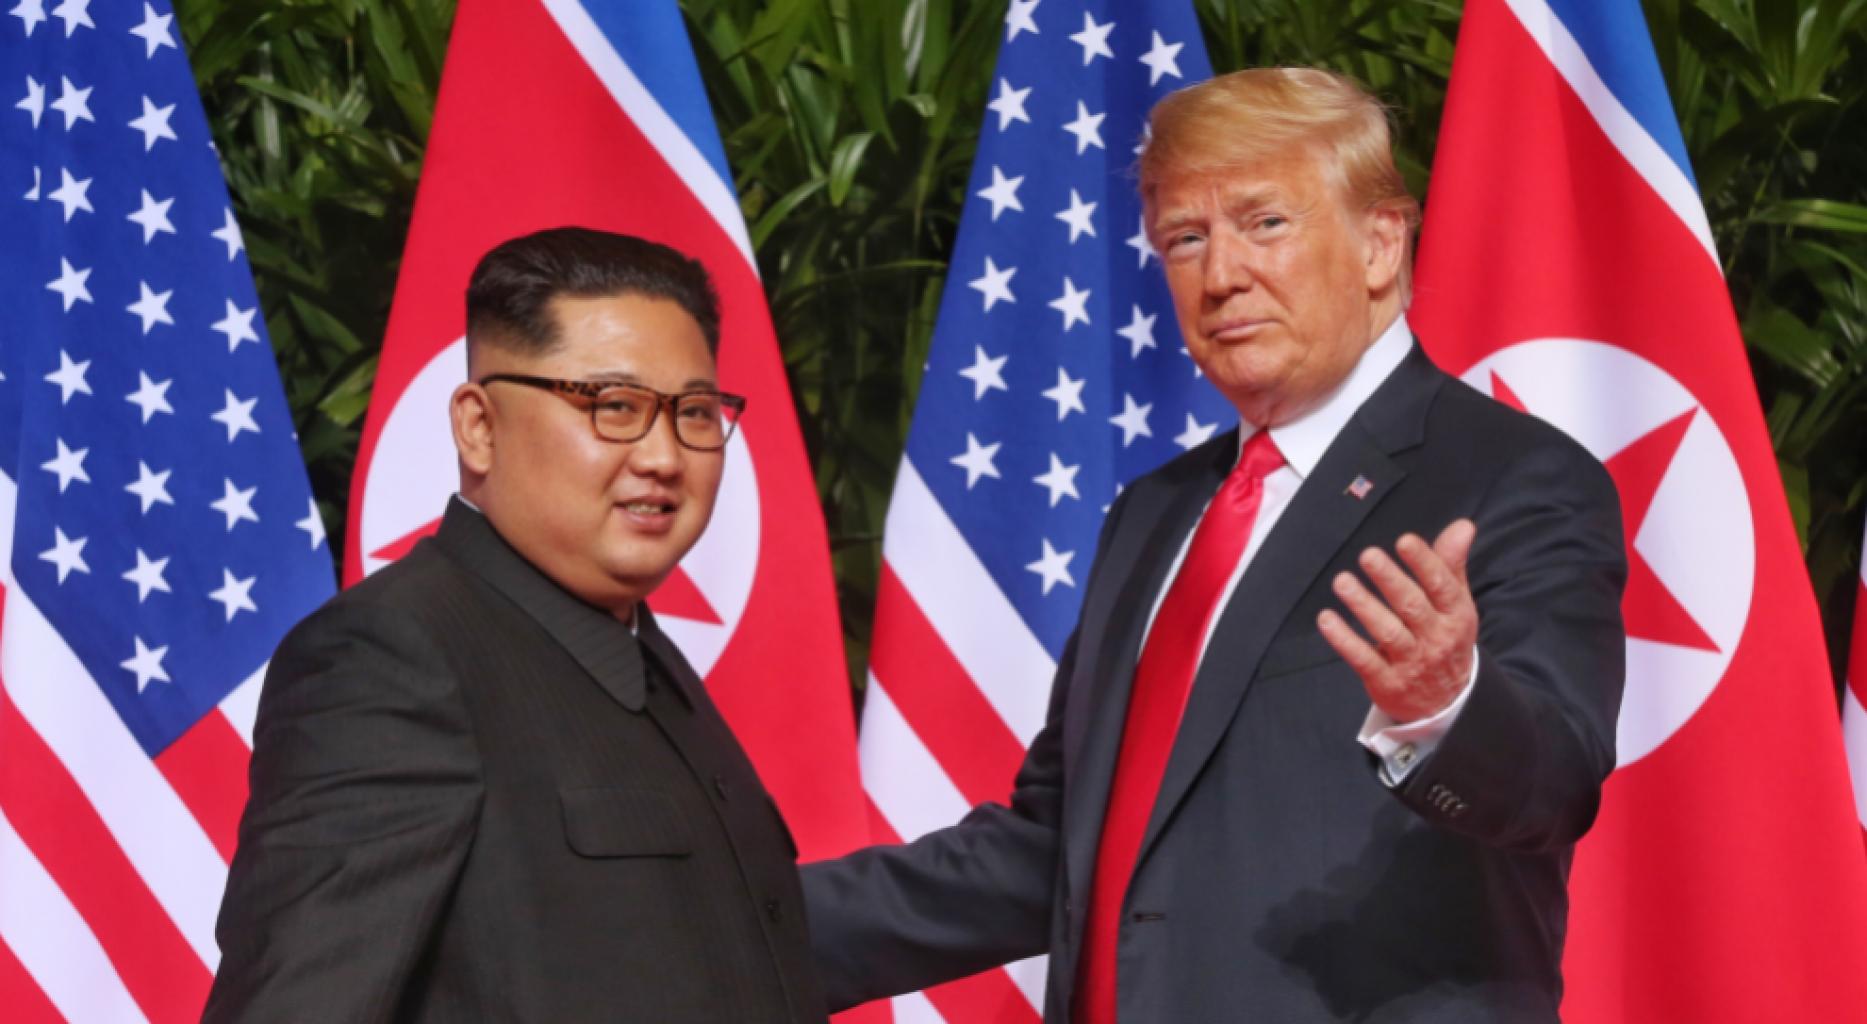 Cuando se trata de Corea del Norte no confiamos, verificamos